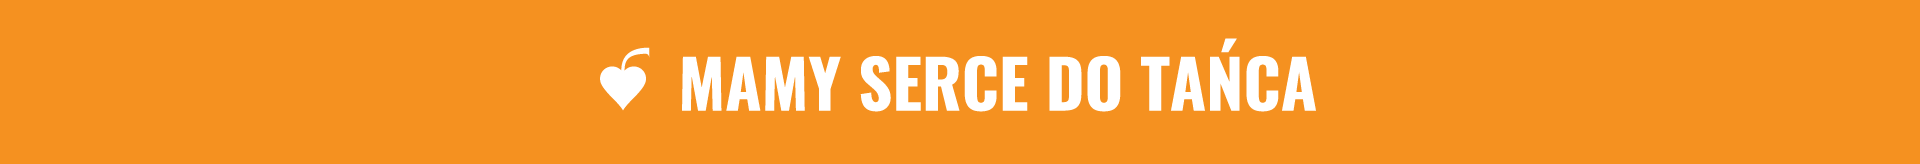 MAMY-SERCE